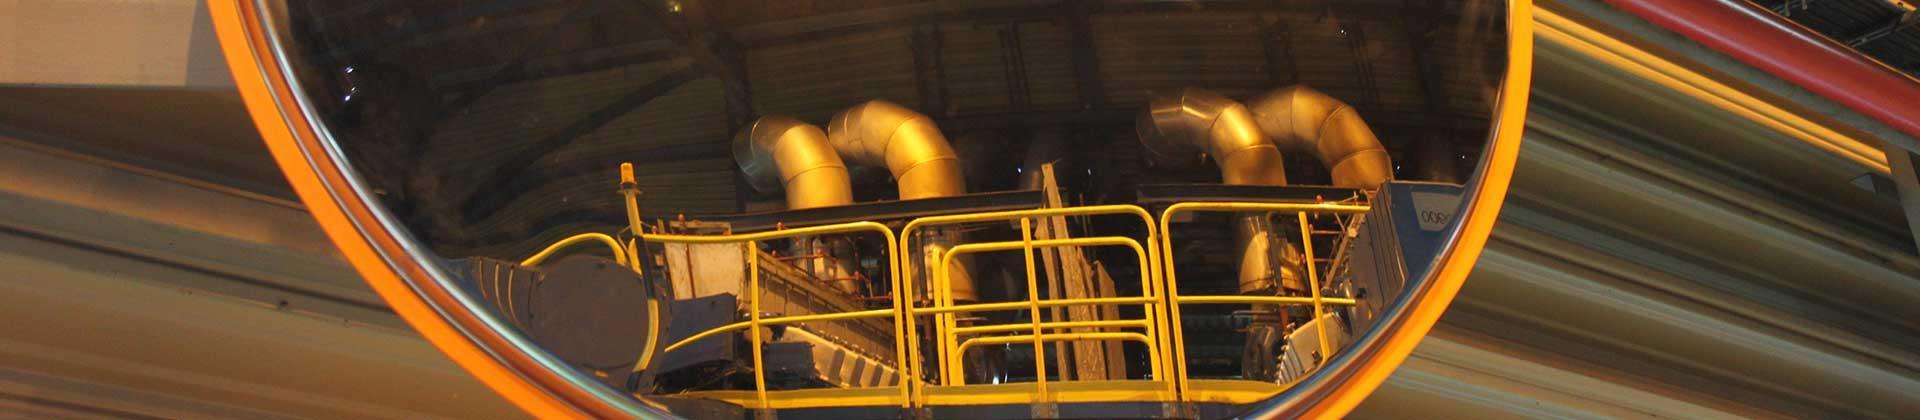 Oil&Gas WEC